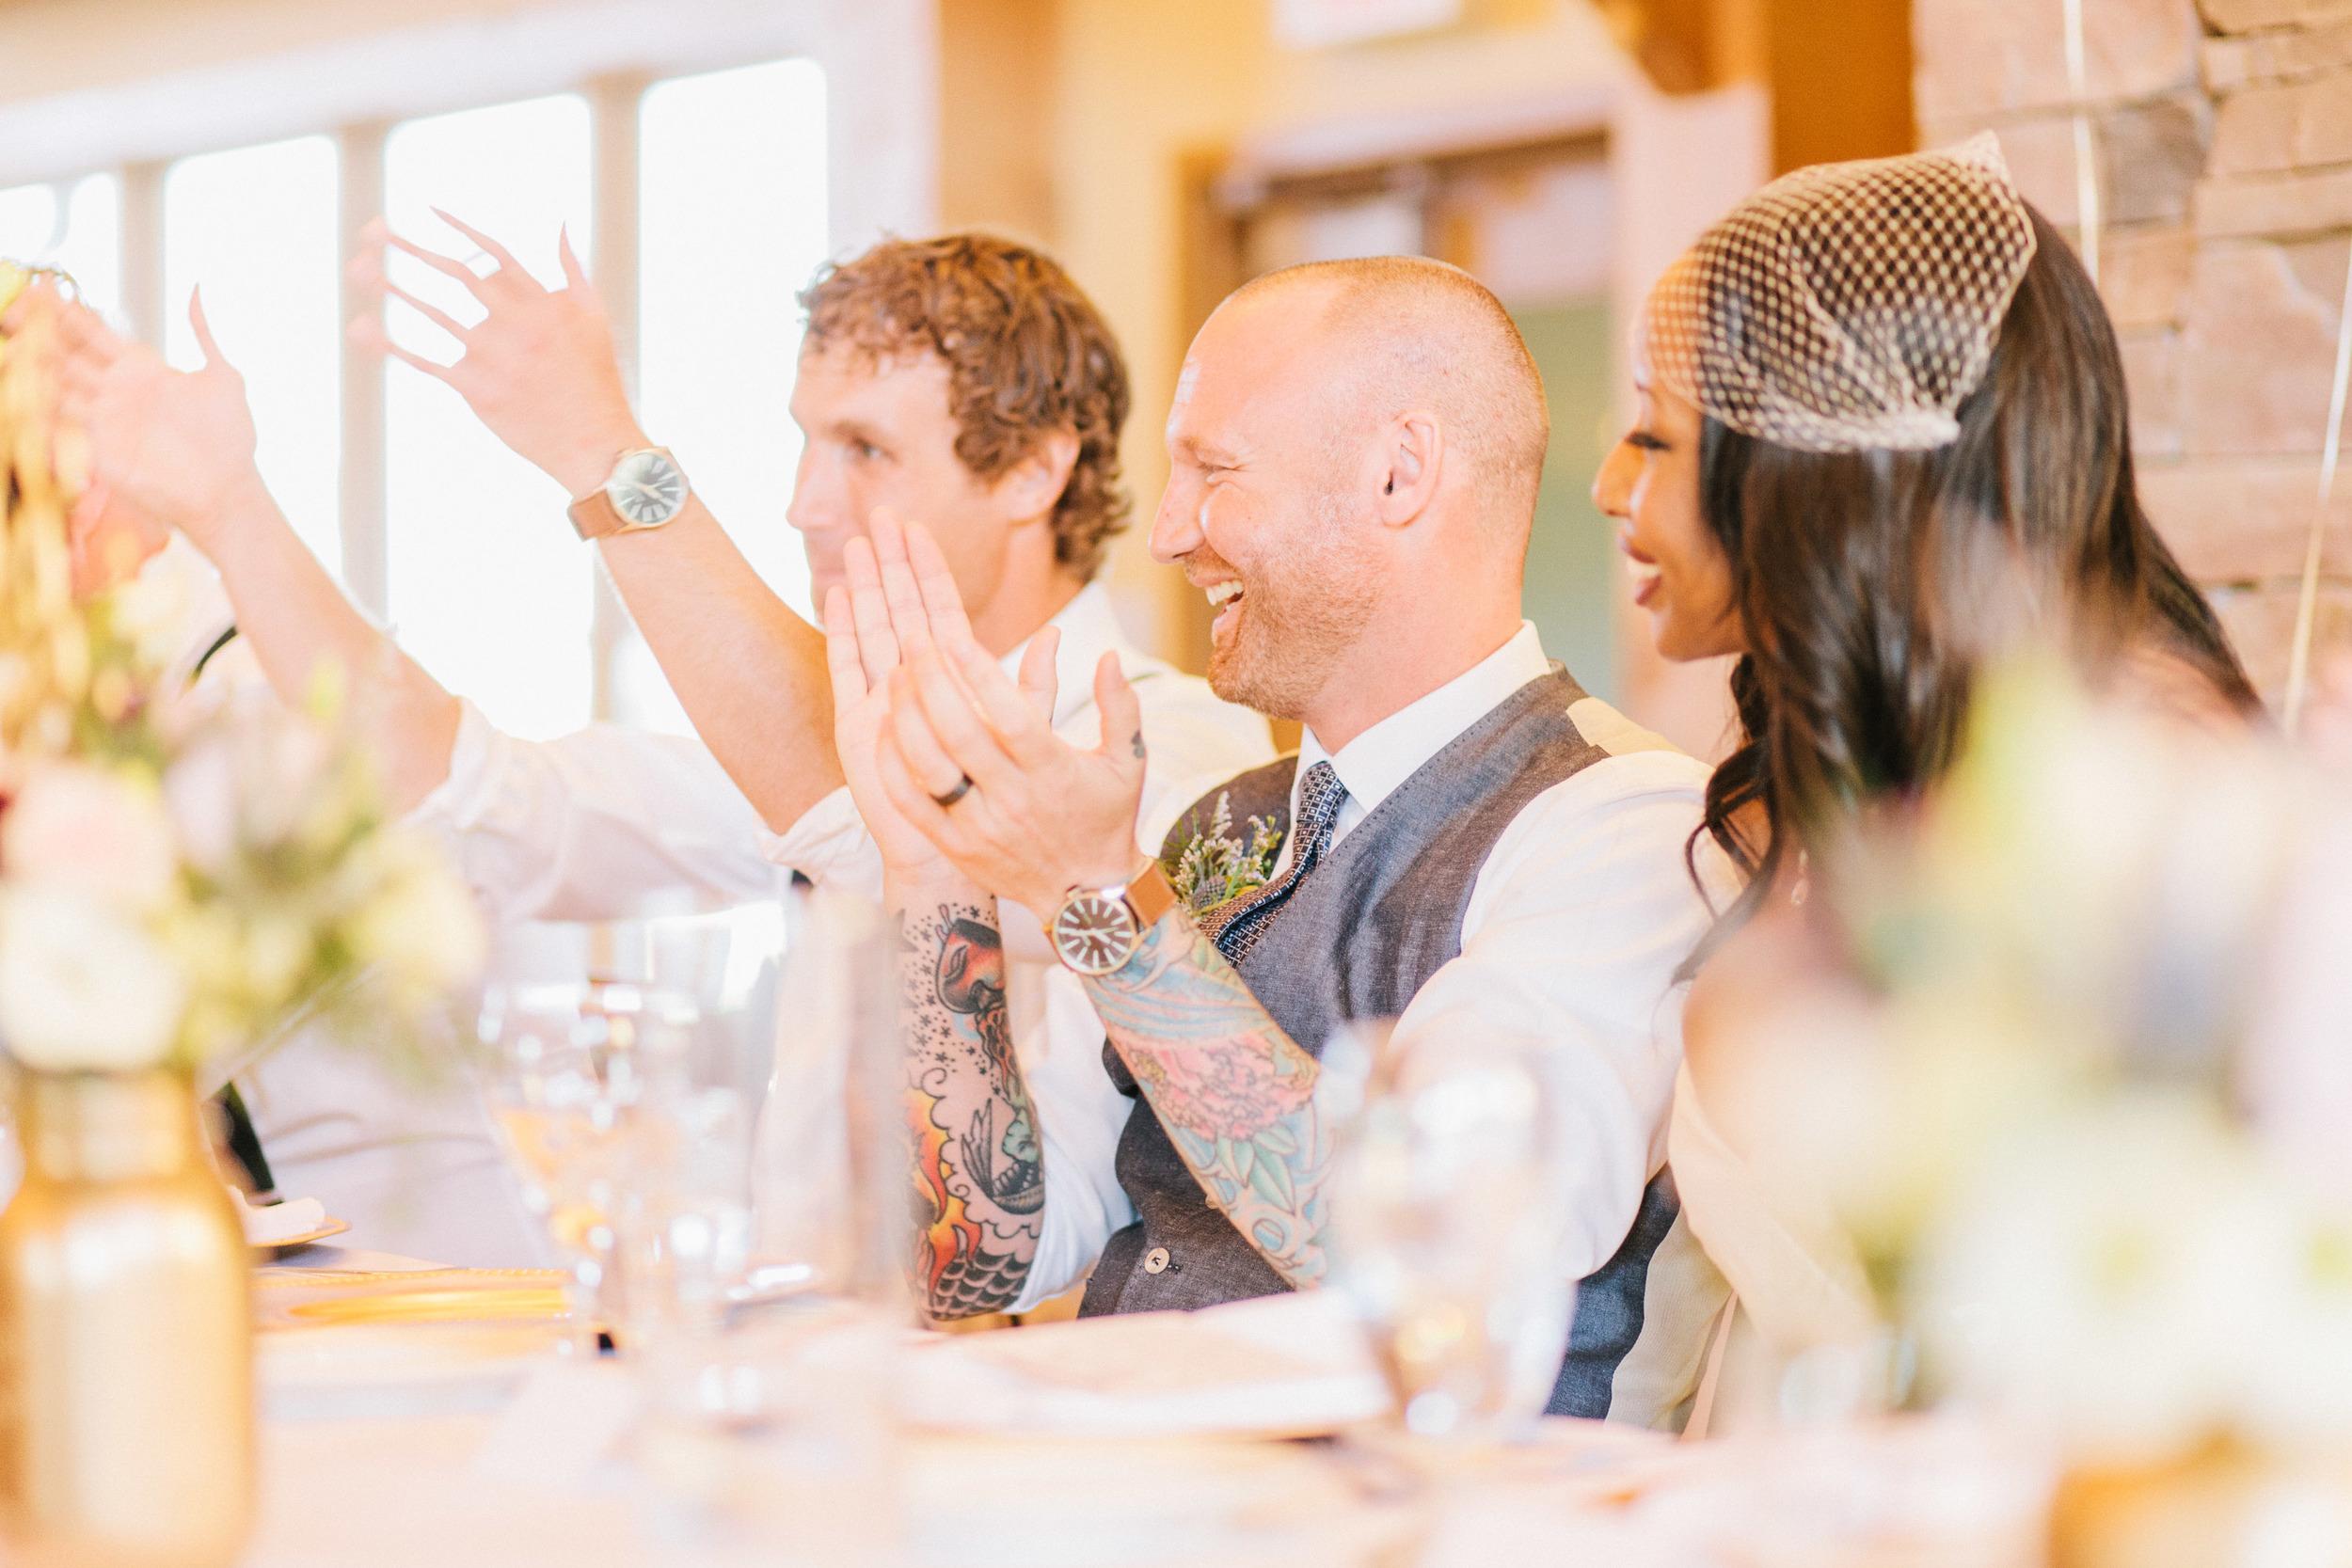 michael-rousseau-photography-shannae-ingleton-wedding-sean-craigleith-ski-club-wedding078.jpg